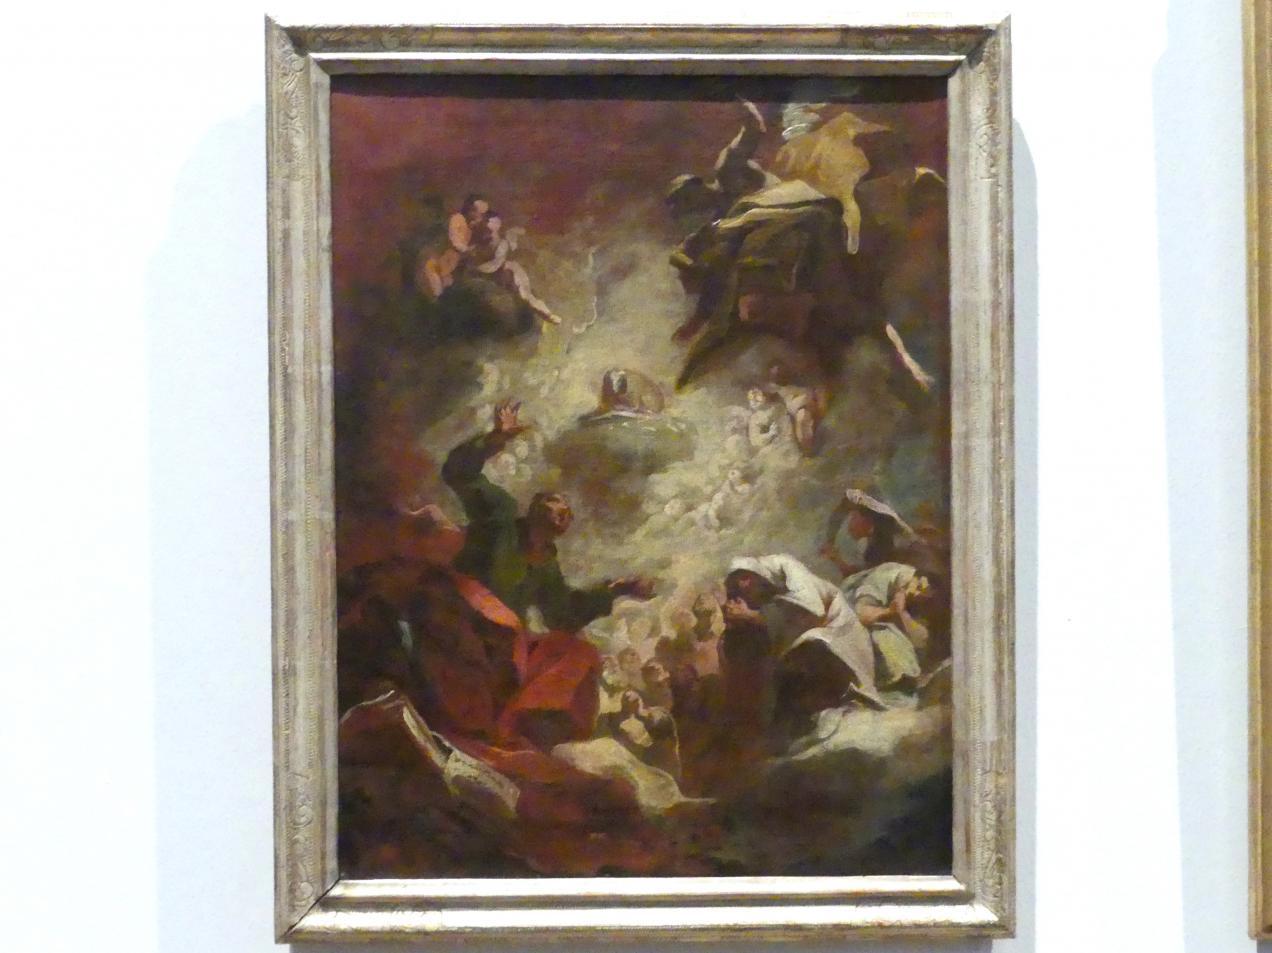 Franz Joseph Spiegler: Anbetung des Apokalyptischen Lammes durch die 24 Ältesten, 1747